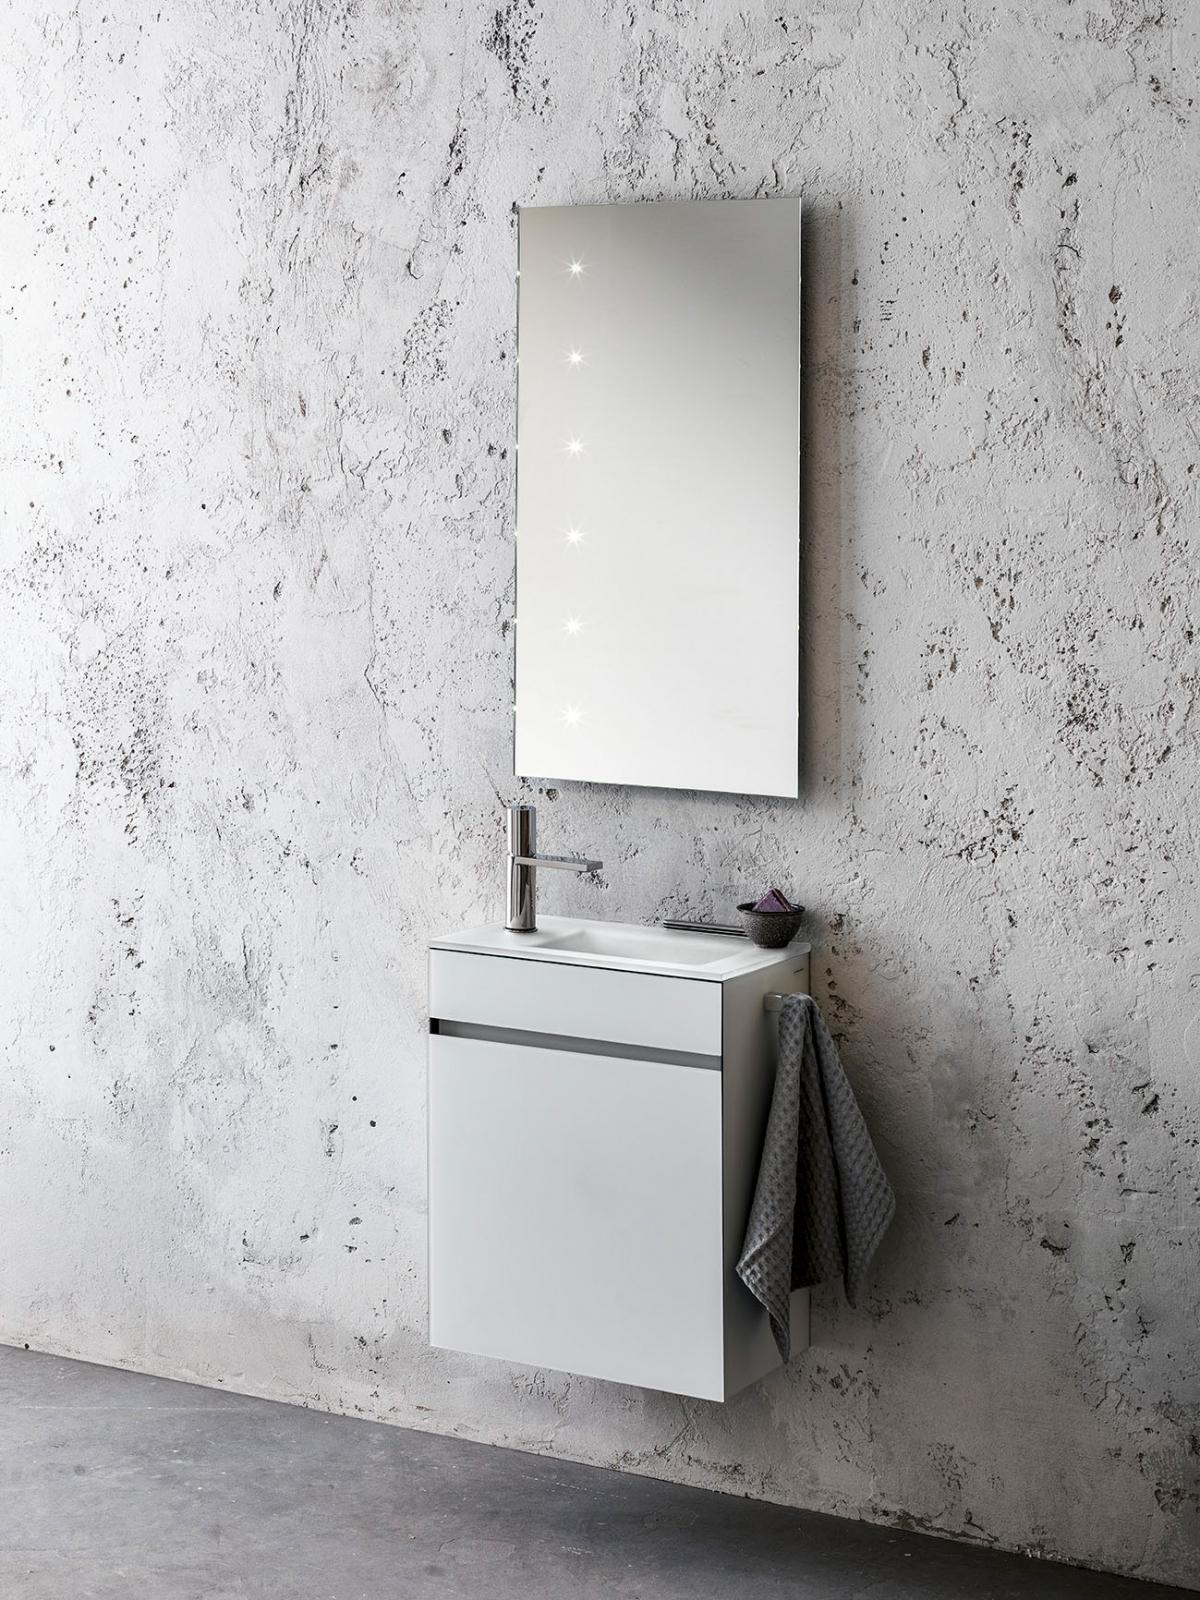 ensemble lave mains et miroir zen artelinea induscabel salle de bains chauffage et cuisine. Black Bedroom Furniture Sets. Home Design Ideas